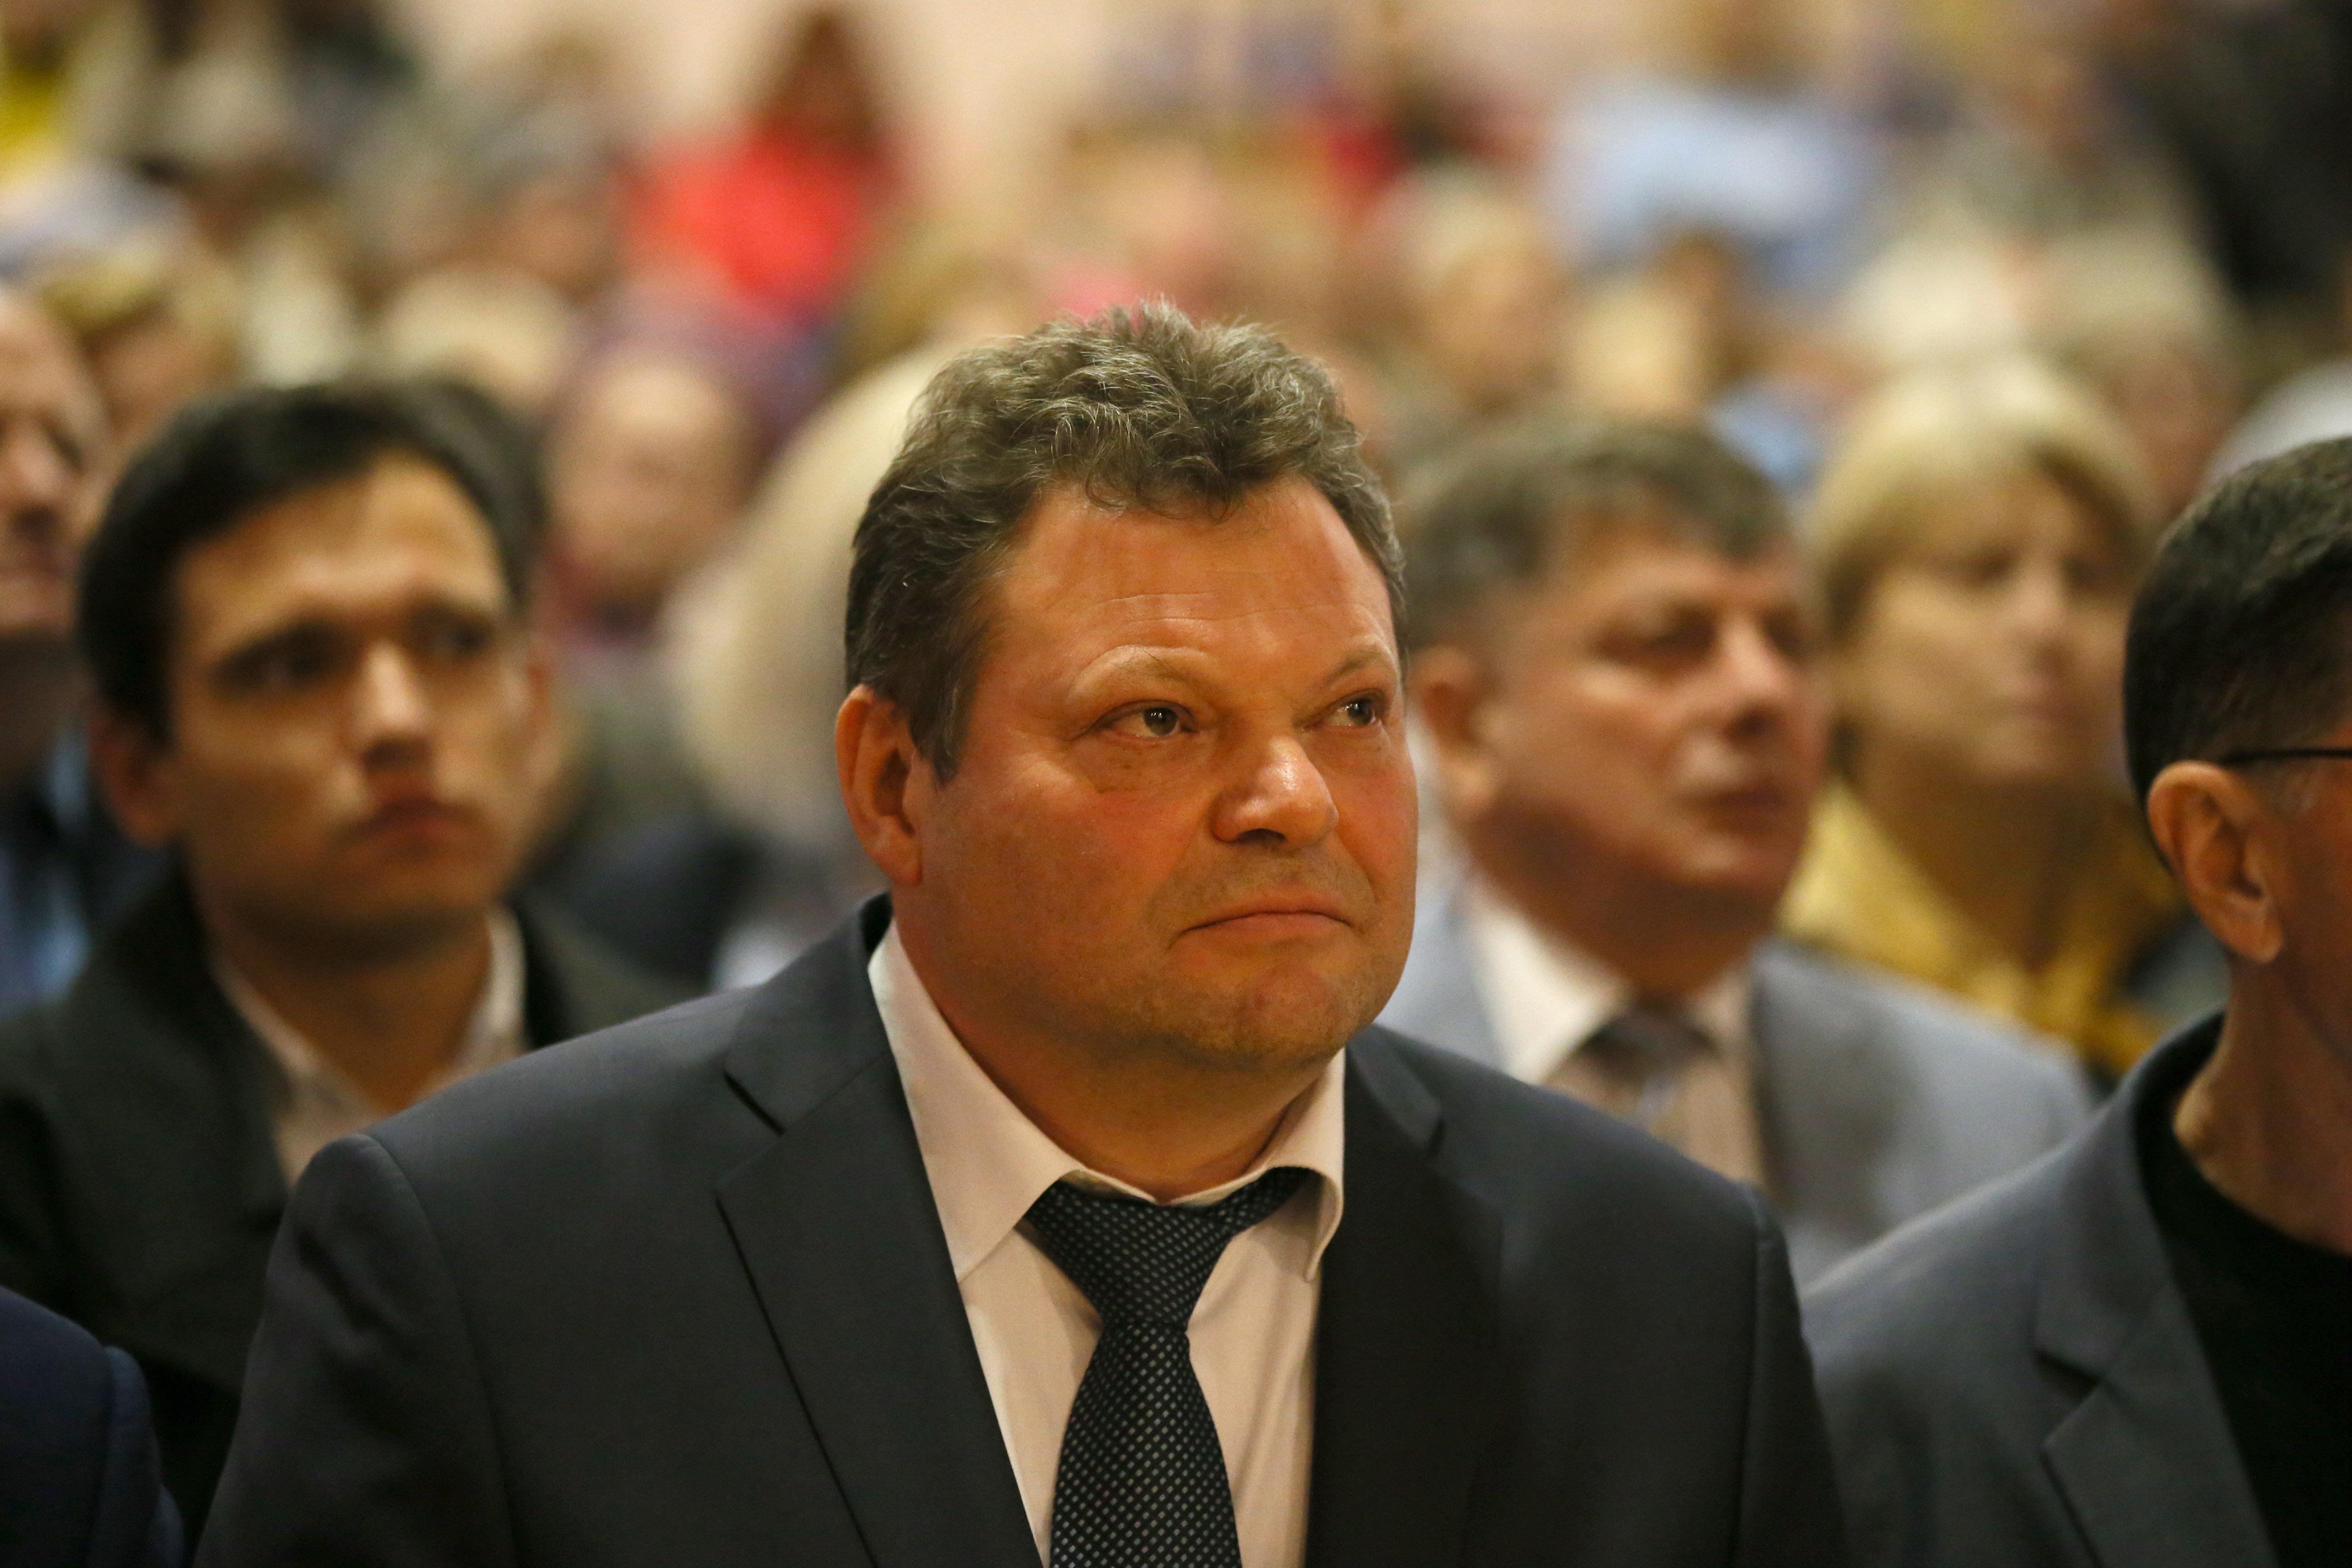 Встреча с исполняющим обязанности префекта Новой Москвы состоялась в Михайлово-Ярцевском